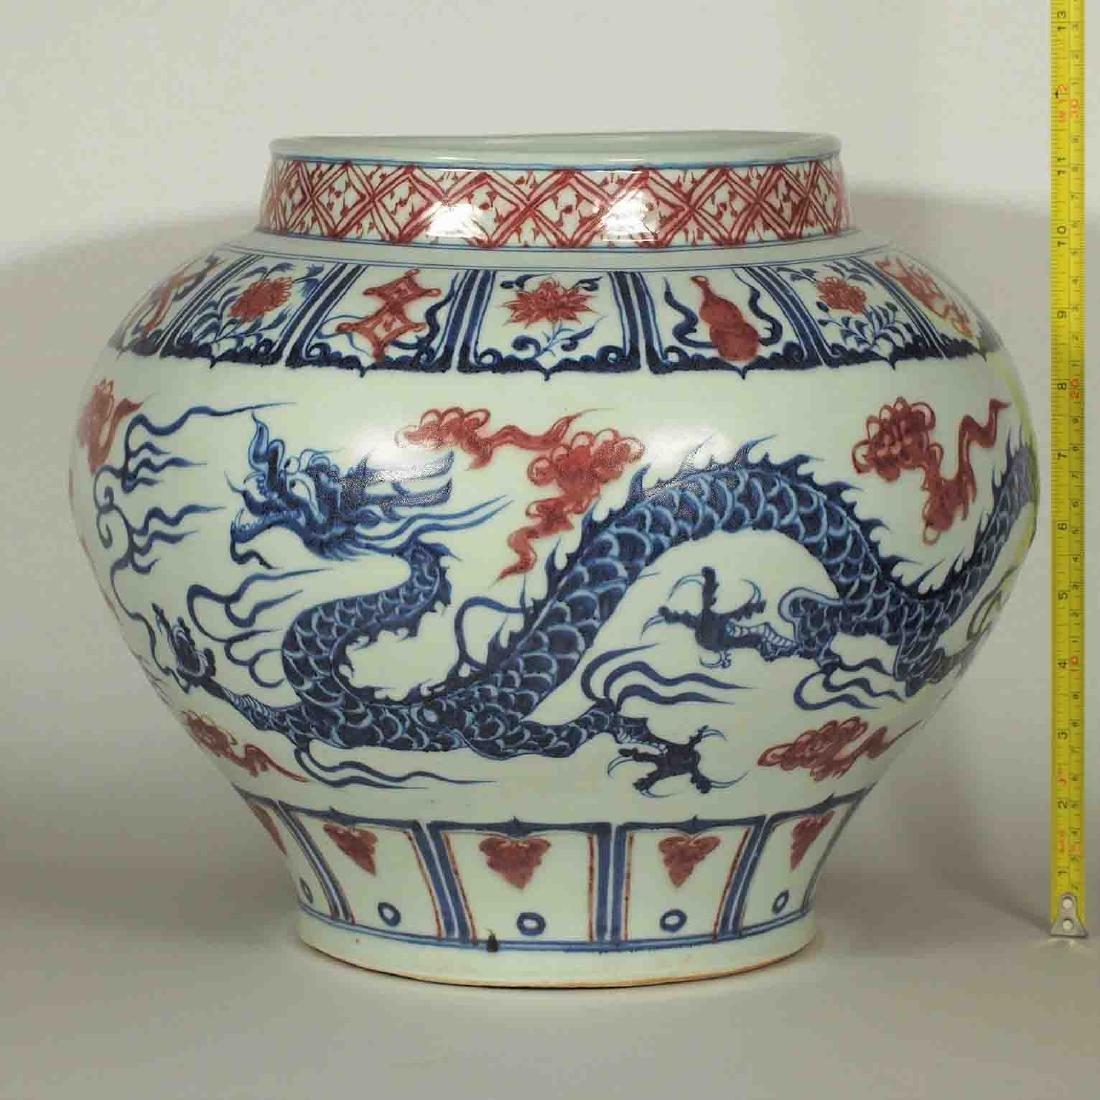 Jar with Dragon Design, Yuan Dynasty - 13